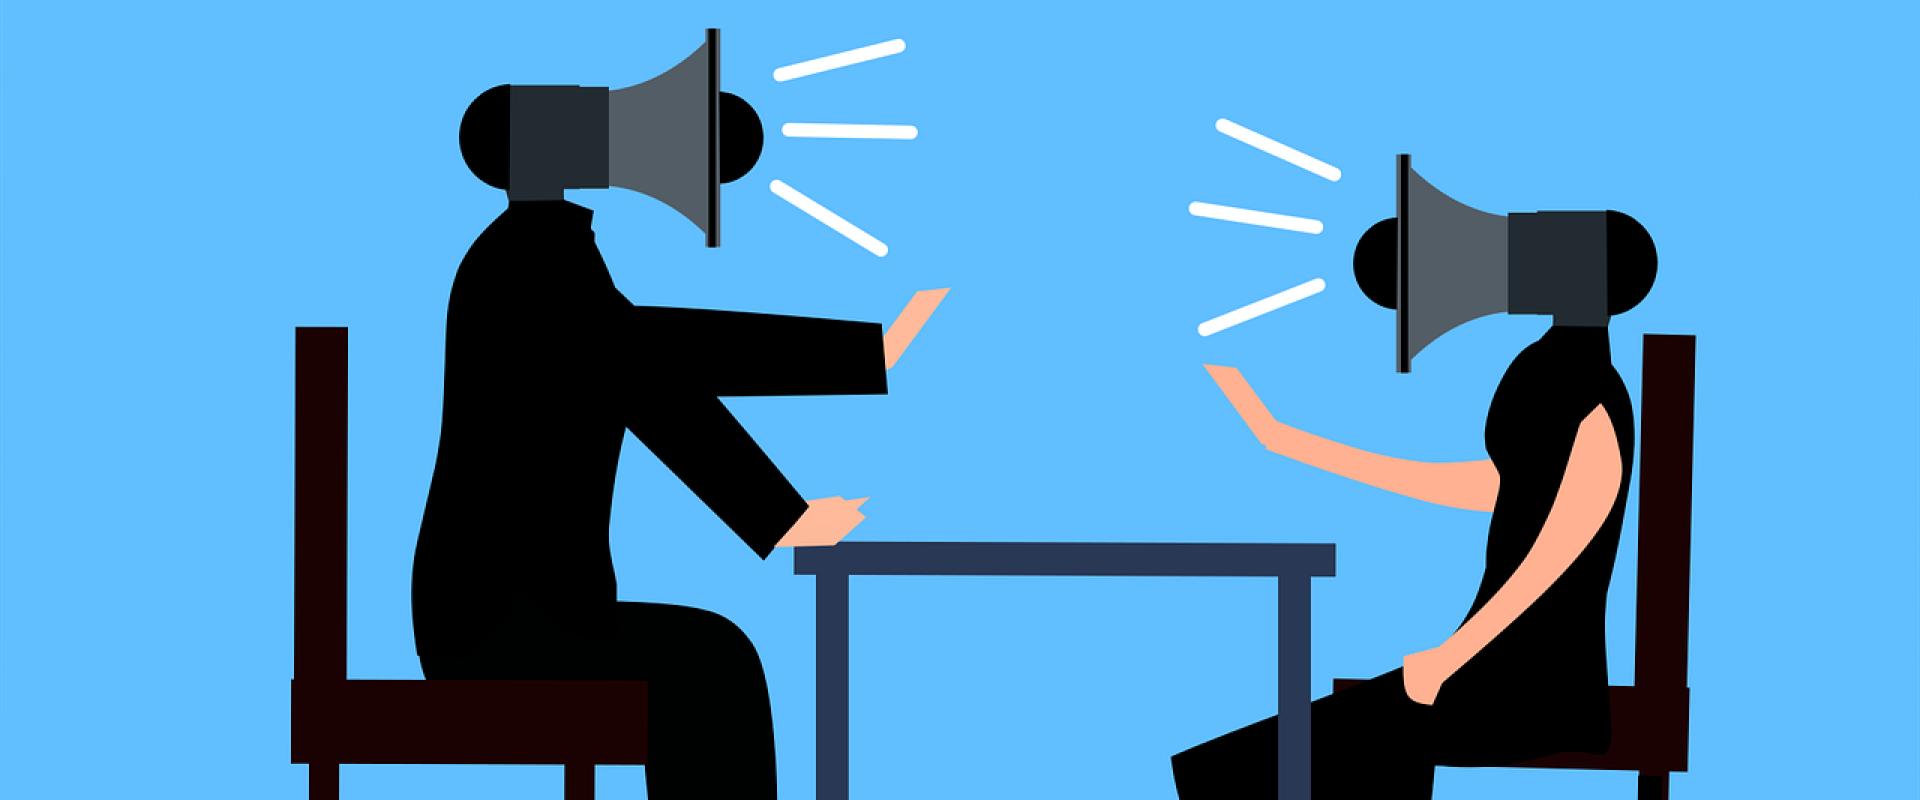 Levert communiceren jou stress op?